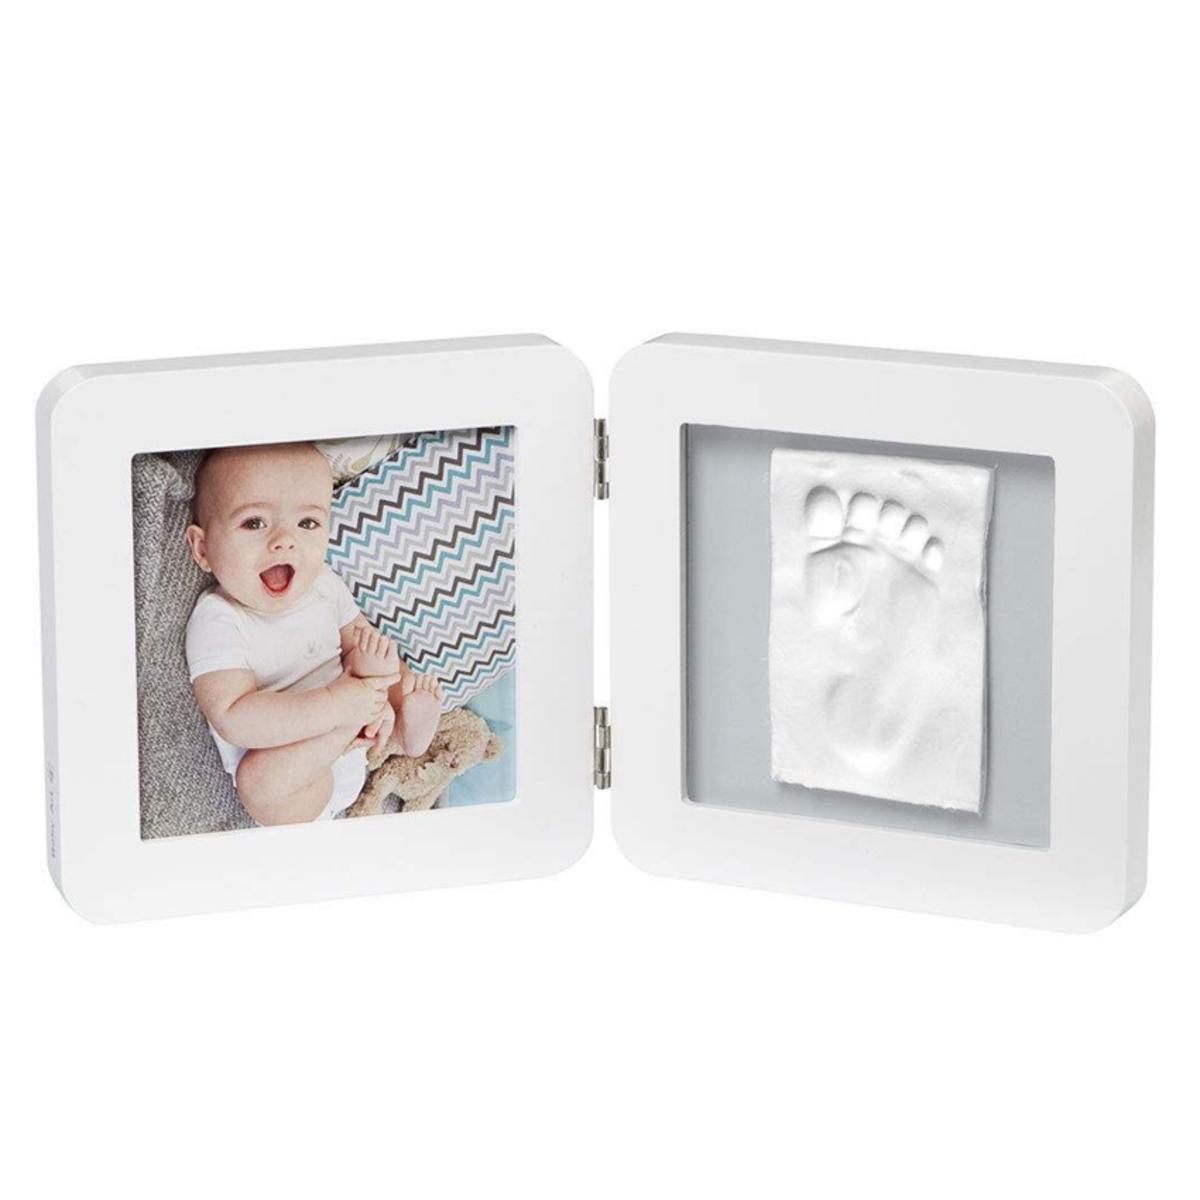 Empreinte & Moulage Kit d'Empreinte My Baby Touch - Blanc Kit d'Empreinte My Baby Touch - Blanc